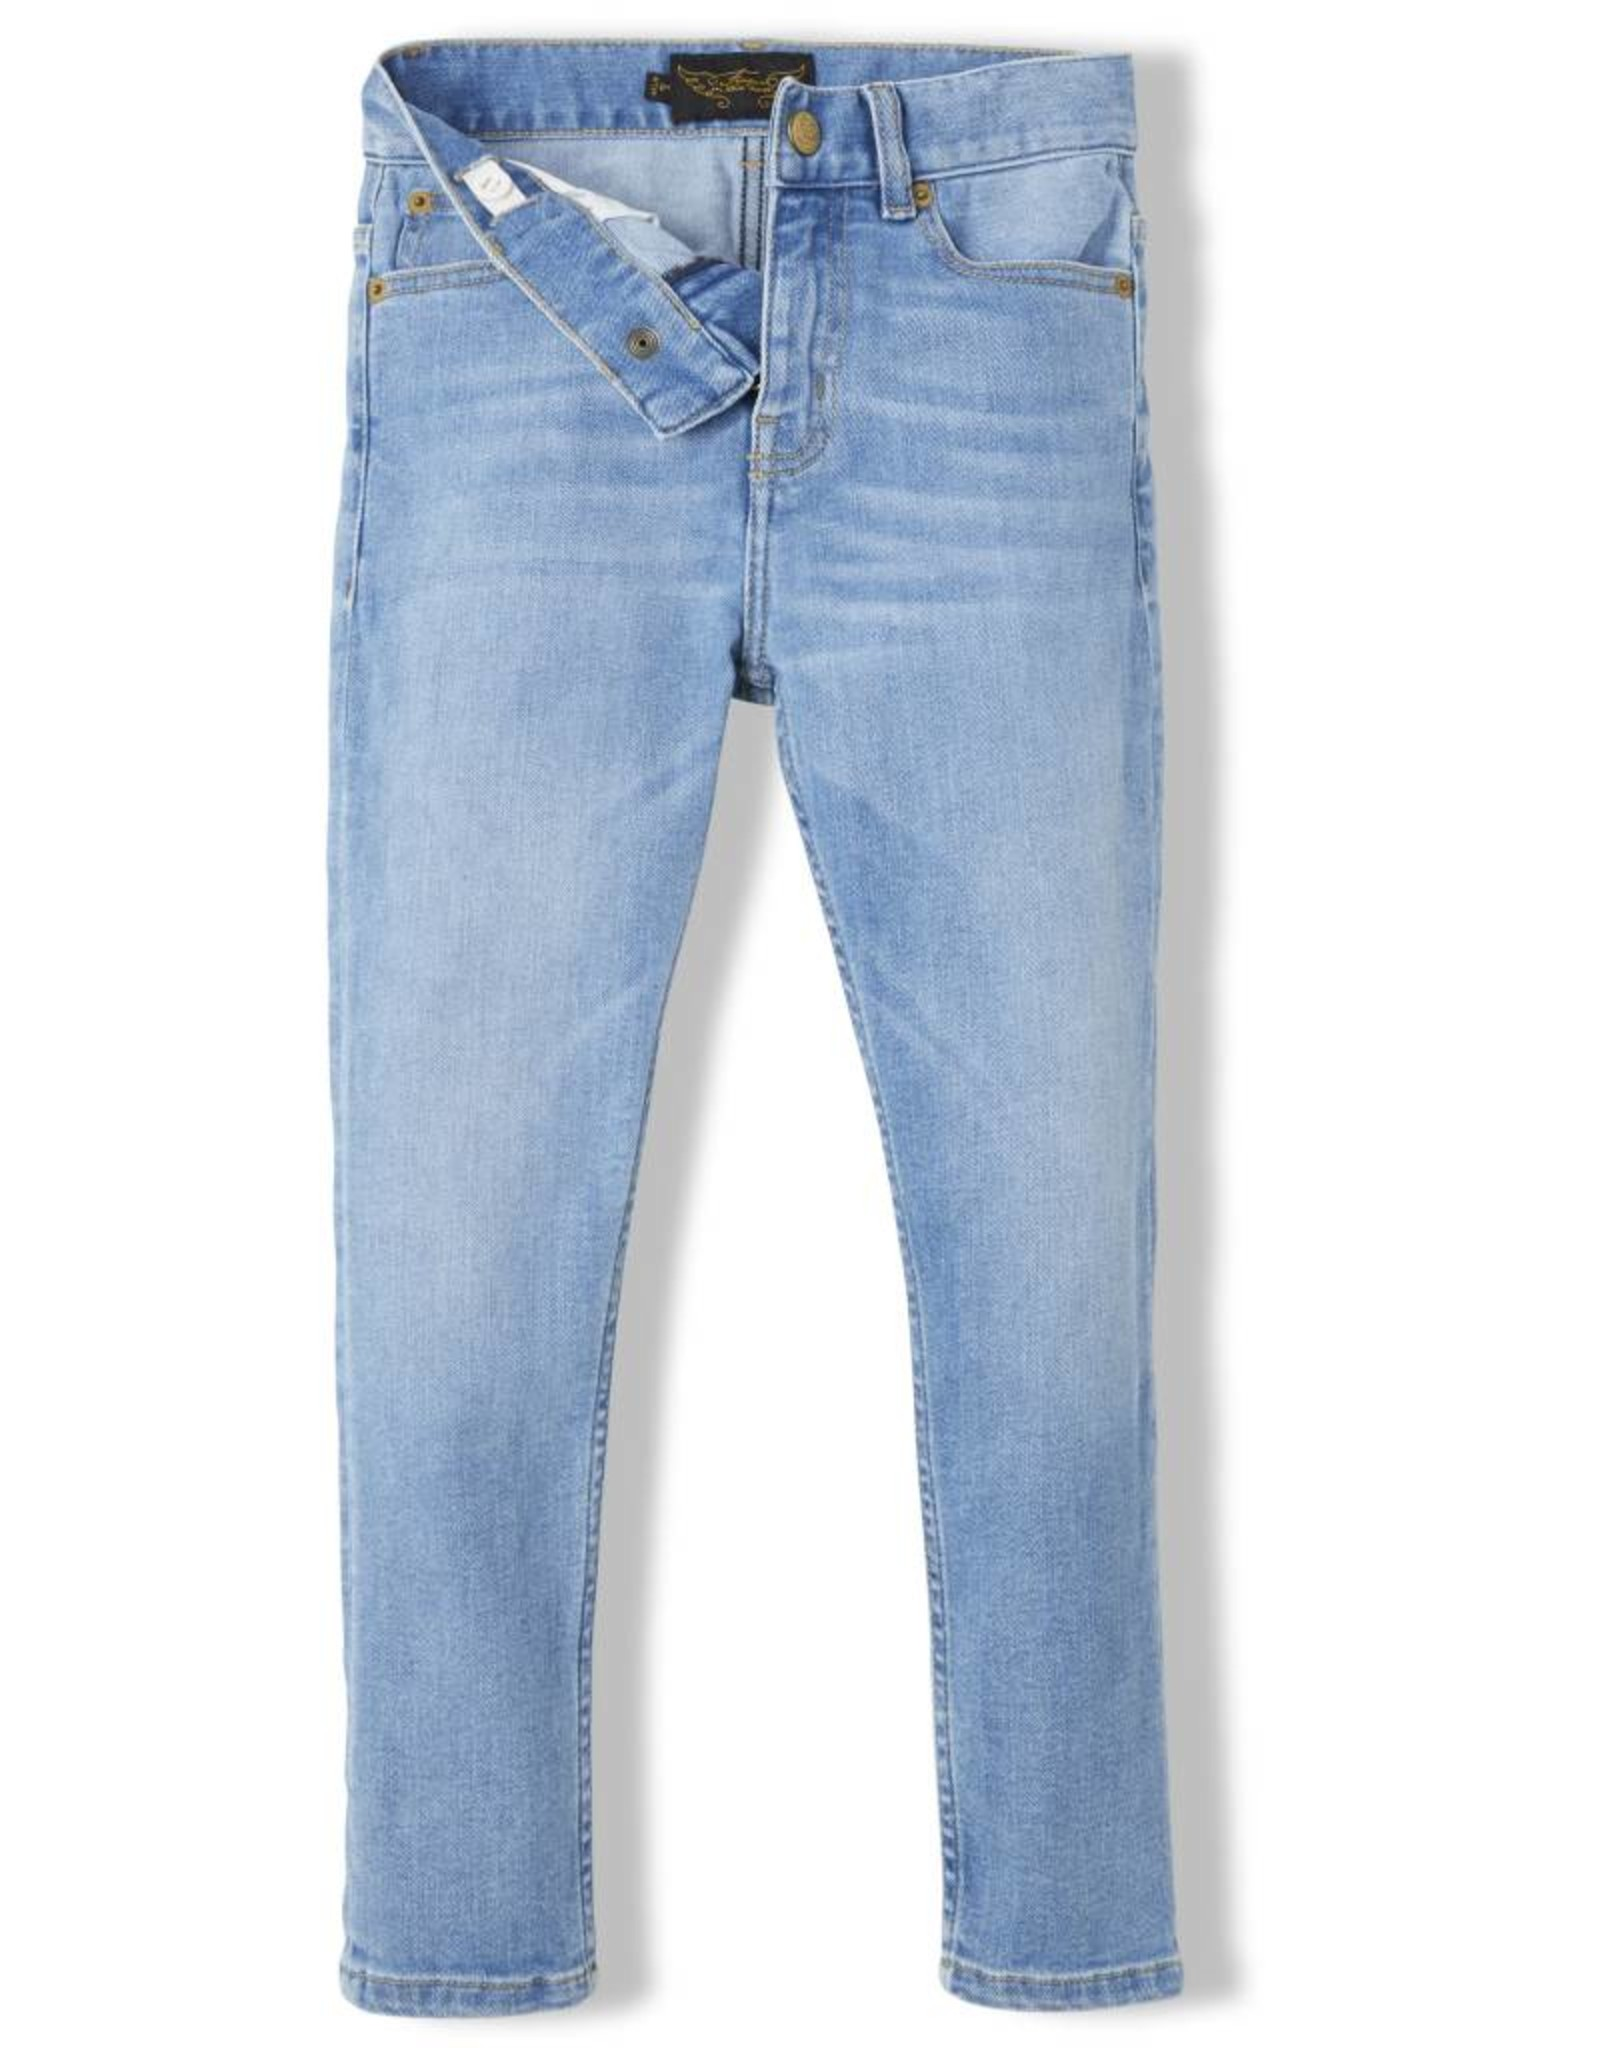 Ewan jeans